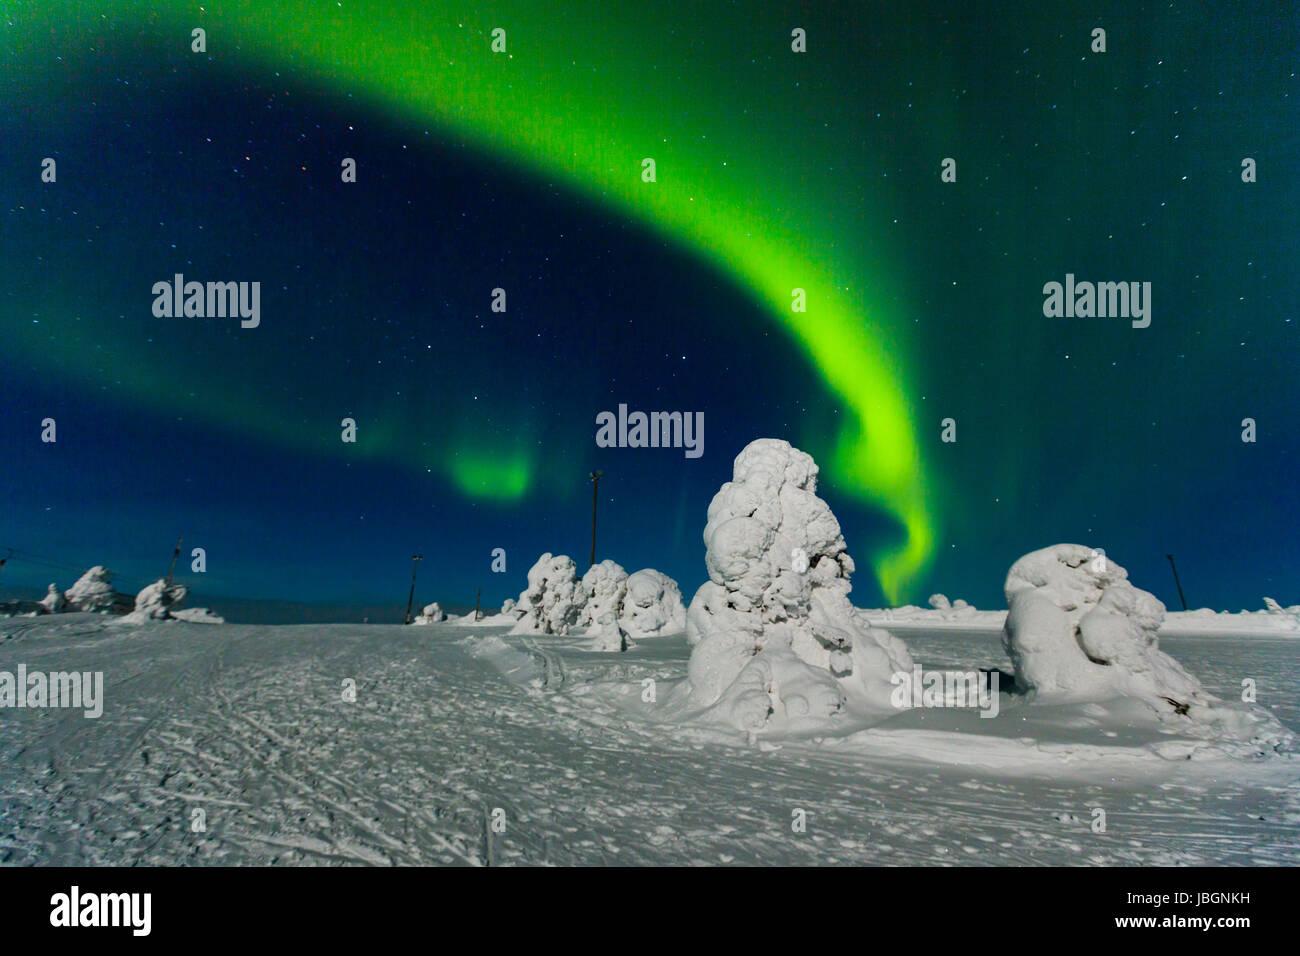 Polarlicht (Aurora borealis), Kittilä, Finnland - Stock Image